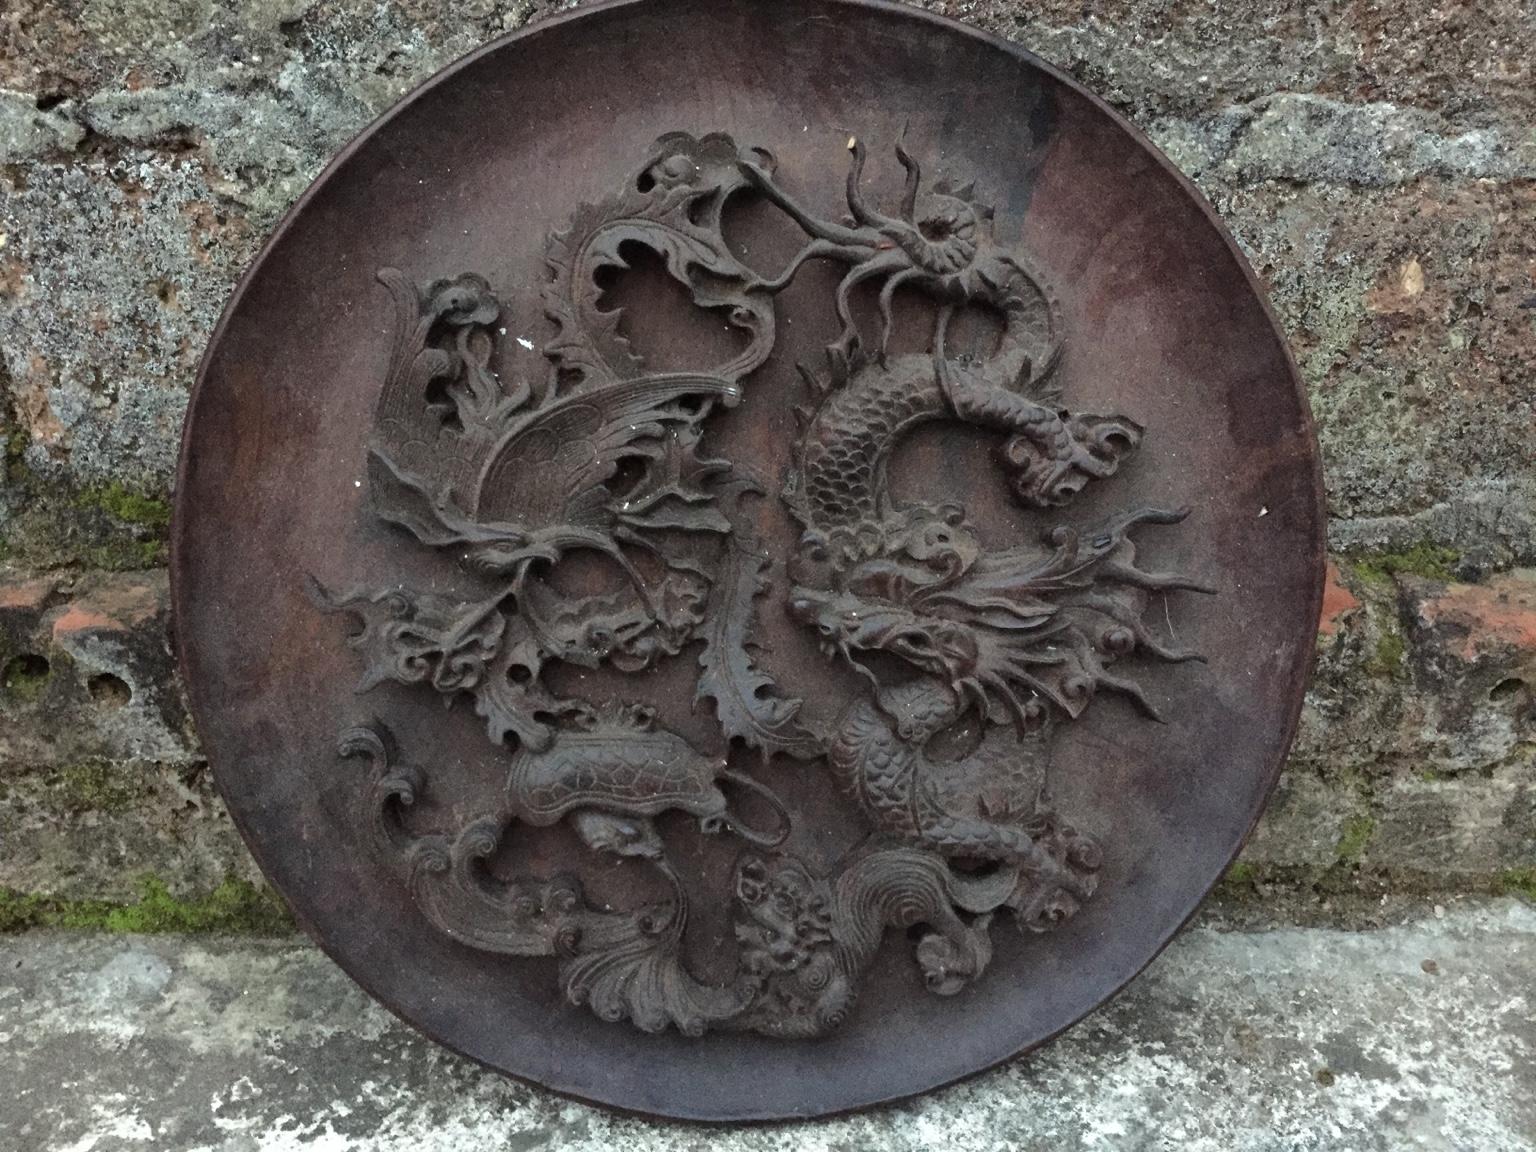 đĩa tứ linh gỗ gụ kích thiớc  32cm dầy 3,5p lh 0974710348